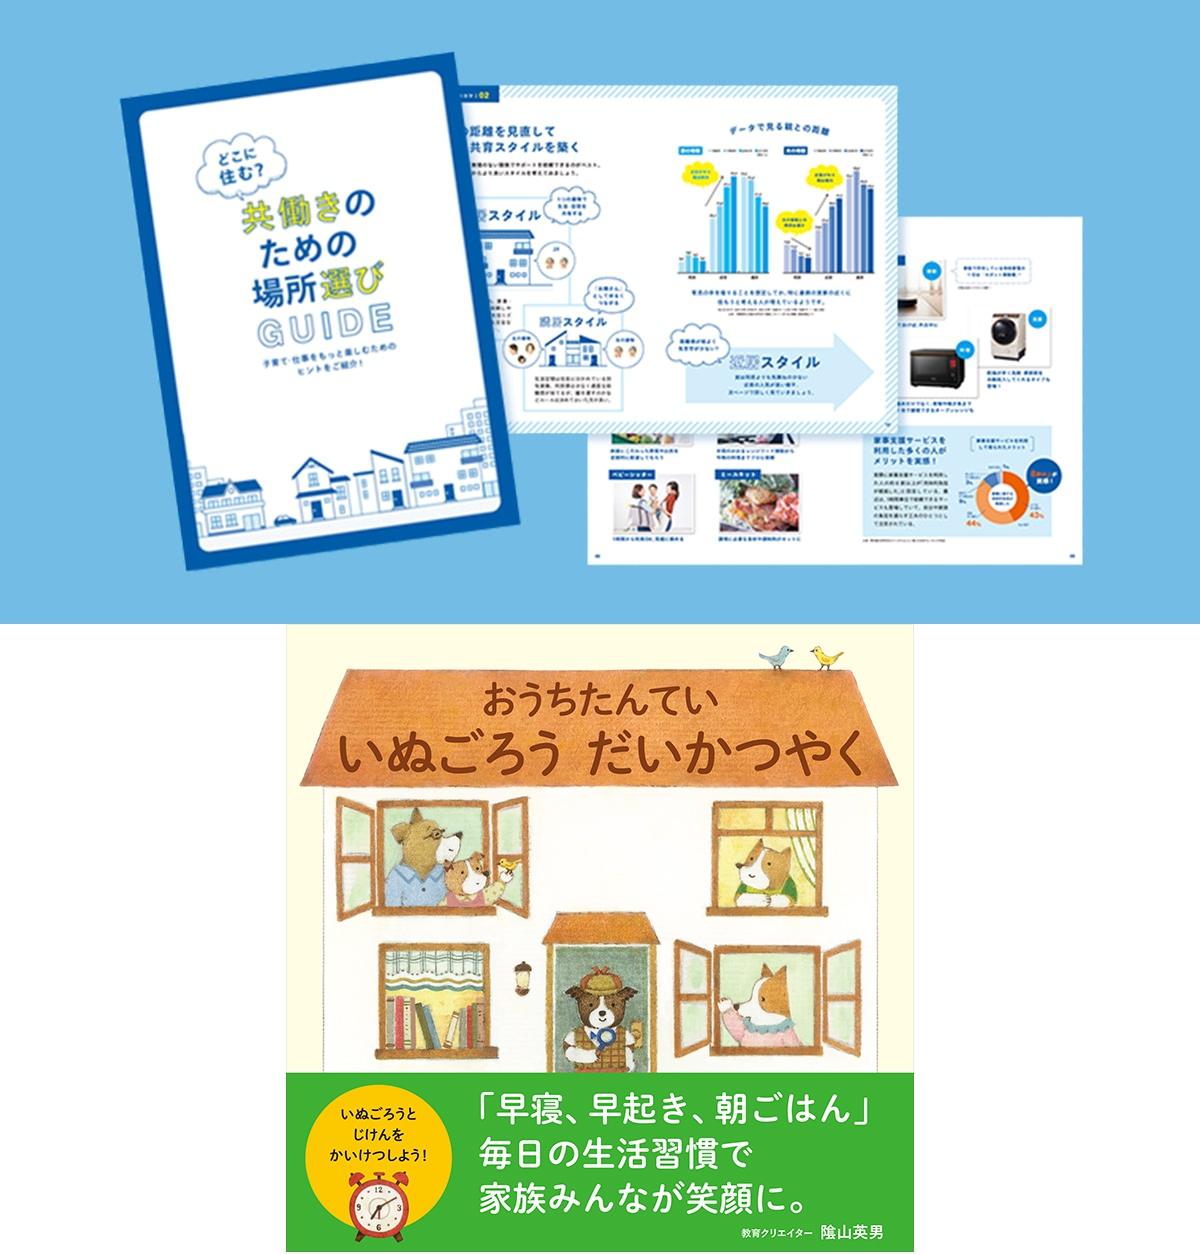 【全員プレゼント】新居探しに役立つ住まいカタログ&生活習慣が楽しく学べる絵本